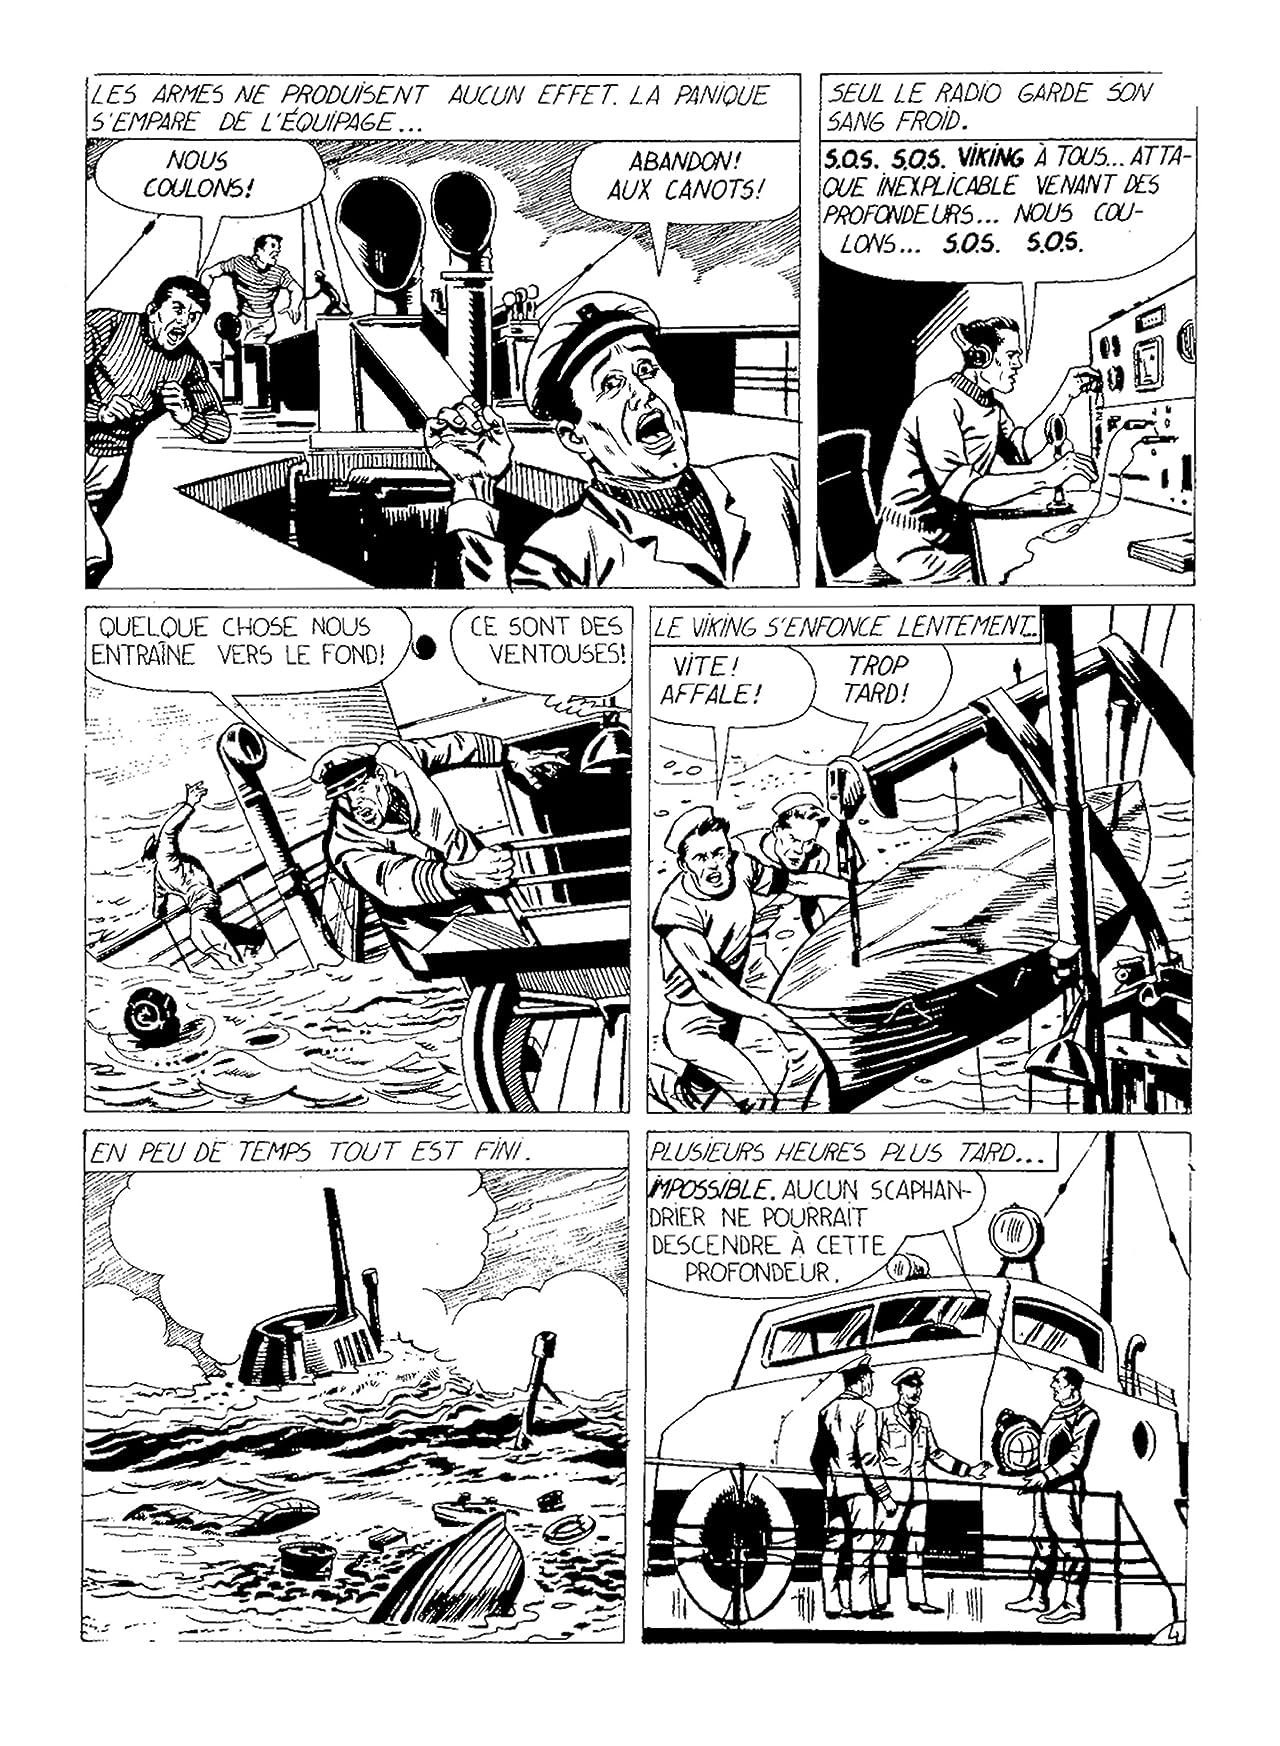 BATHY-09 Vol. 2: Commando Pirate